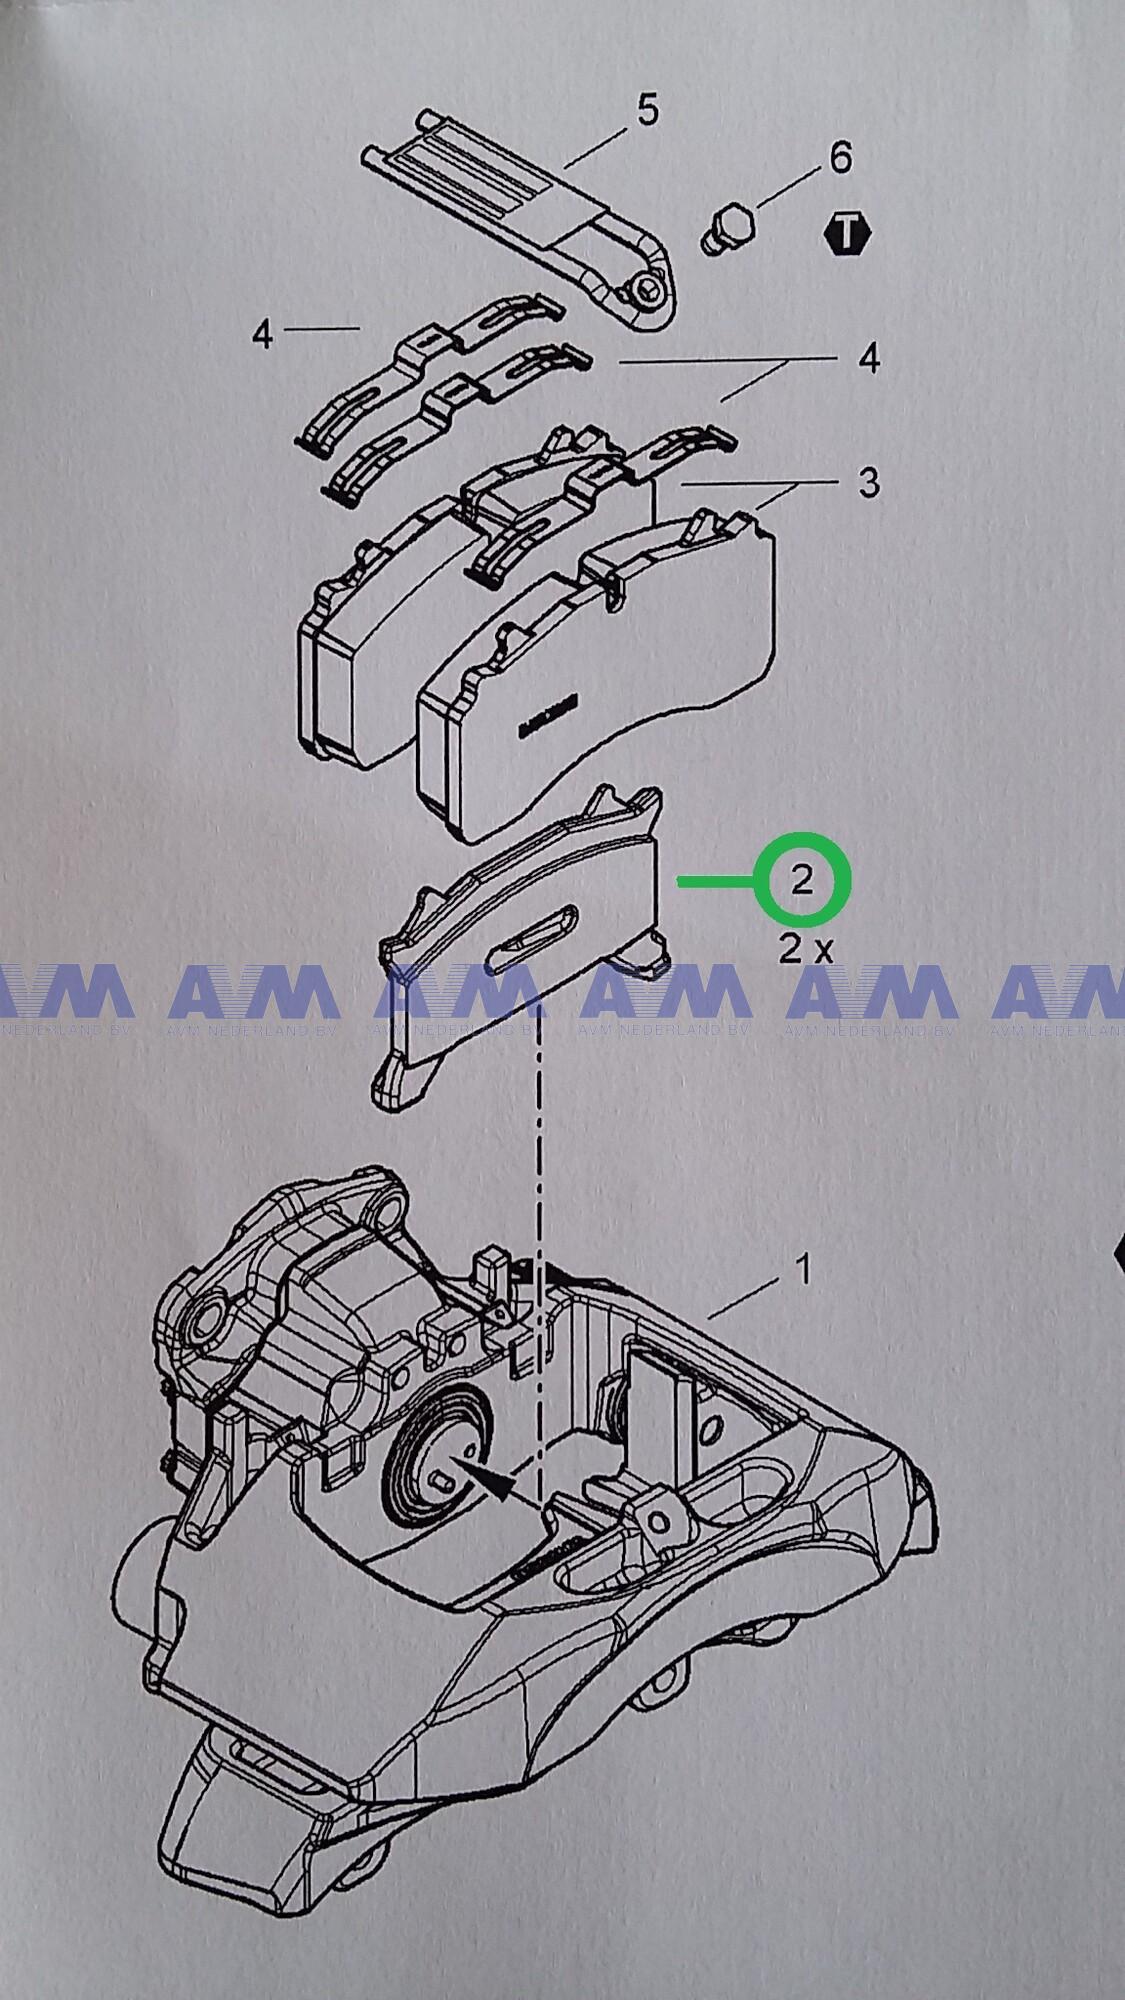 Reparatieset drukplaat (2 stuks) gebruikt 1146640 Schmitz